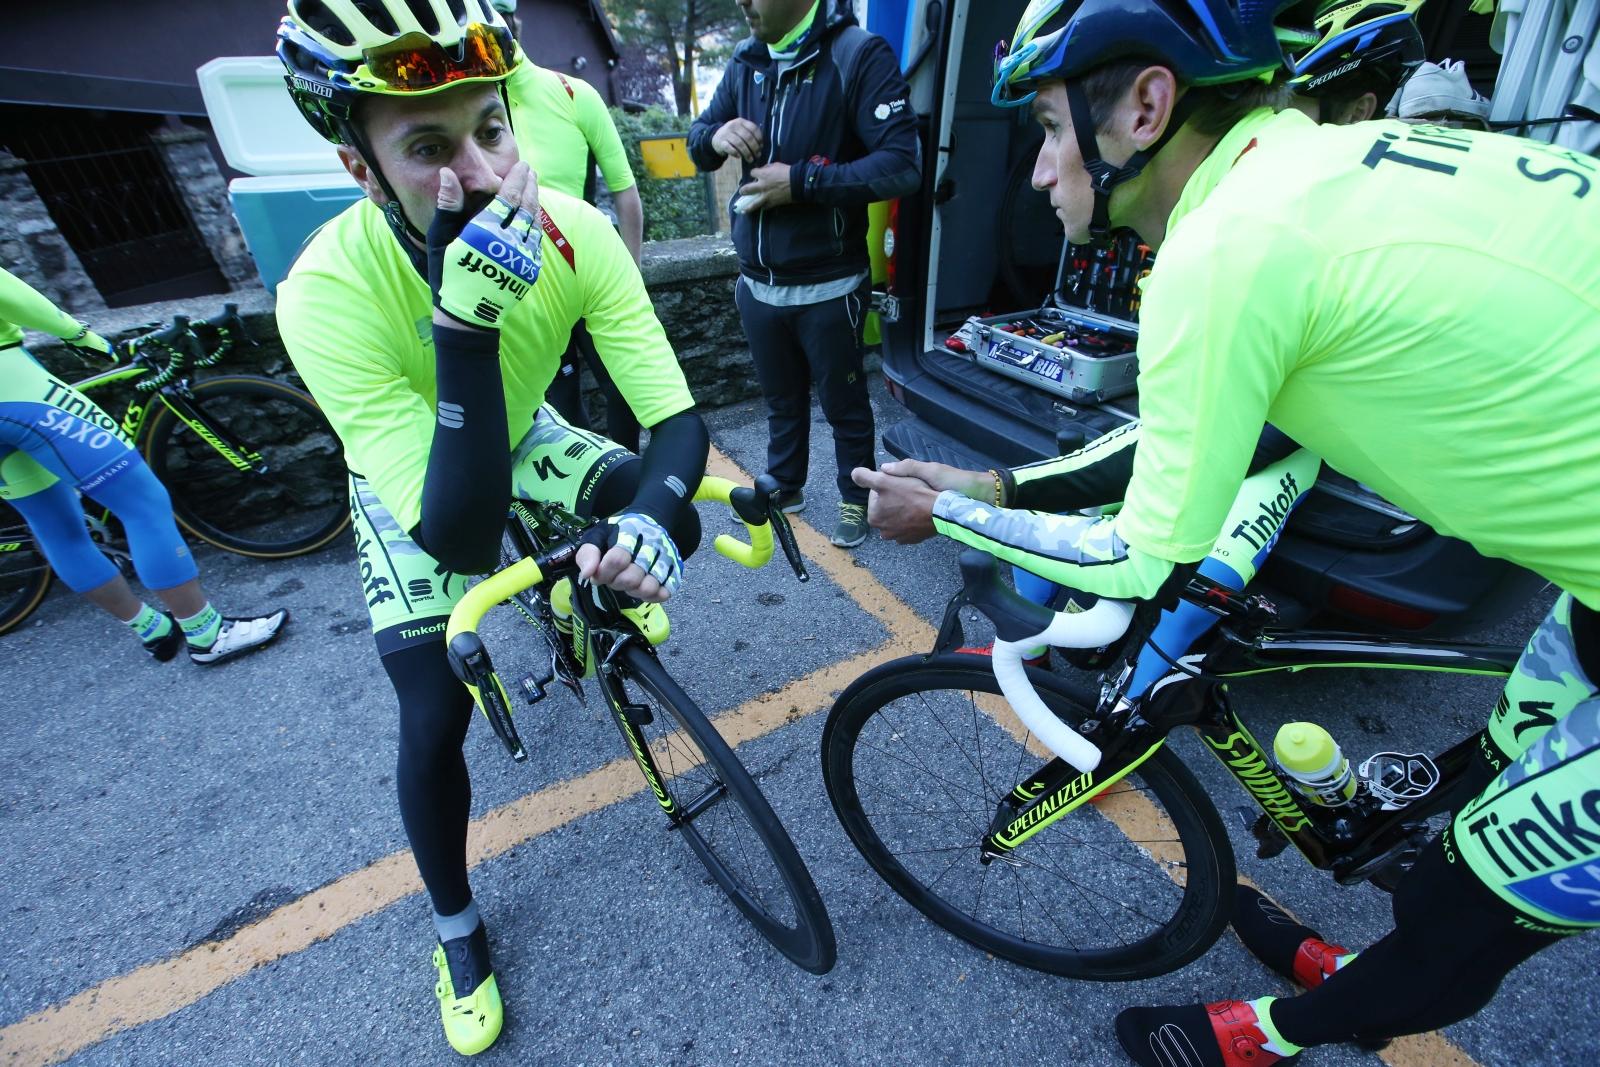 Leader of the Pack. Unsere Begleiter Roman Kreuziger und Ivan Basso vor der kleinen montäglichen Ausfahrt. Wie einige Fahrer während der Lombardei-Rundfahrt tragen auch sie Teile der teamgebrandeten Fiandre Kollektion.